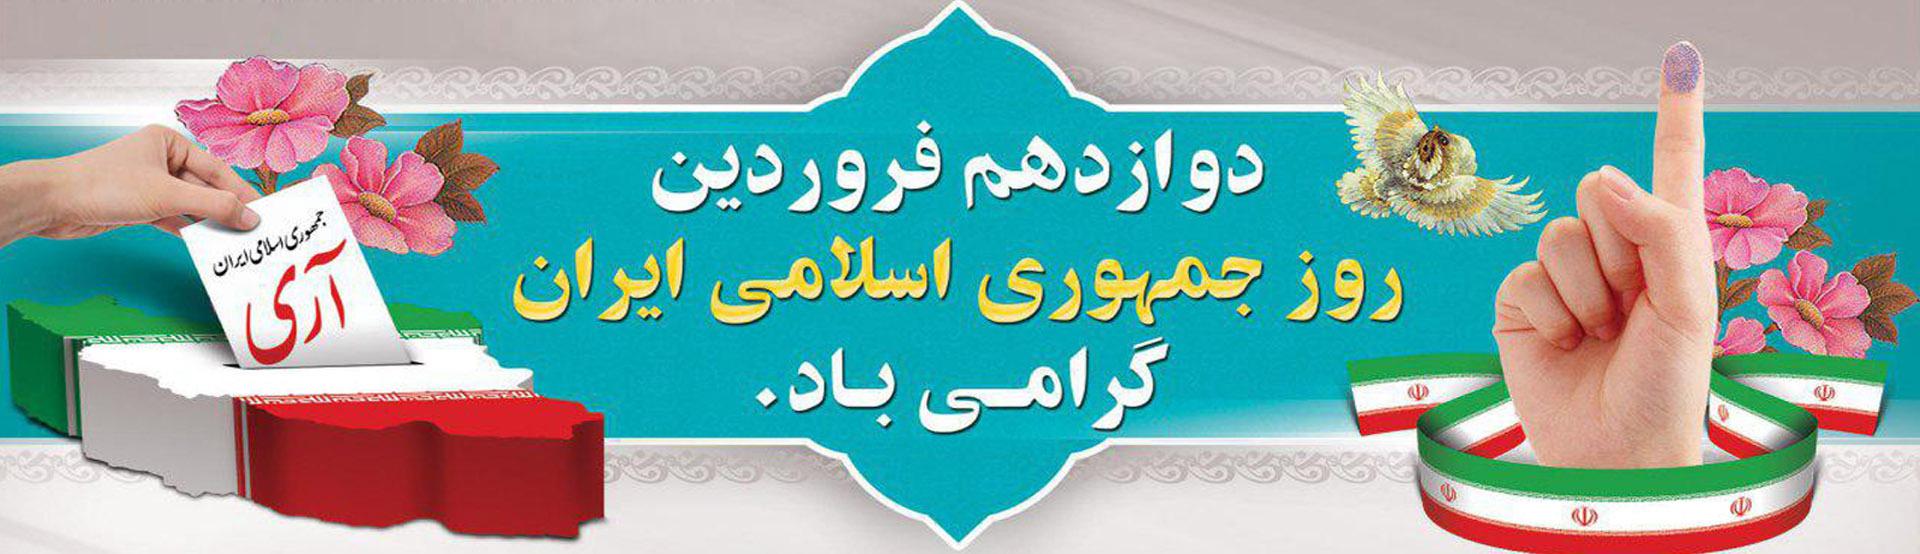 روز جمهوری اسلامی فرخنده باد